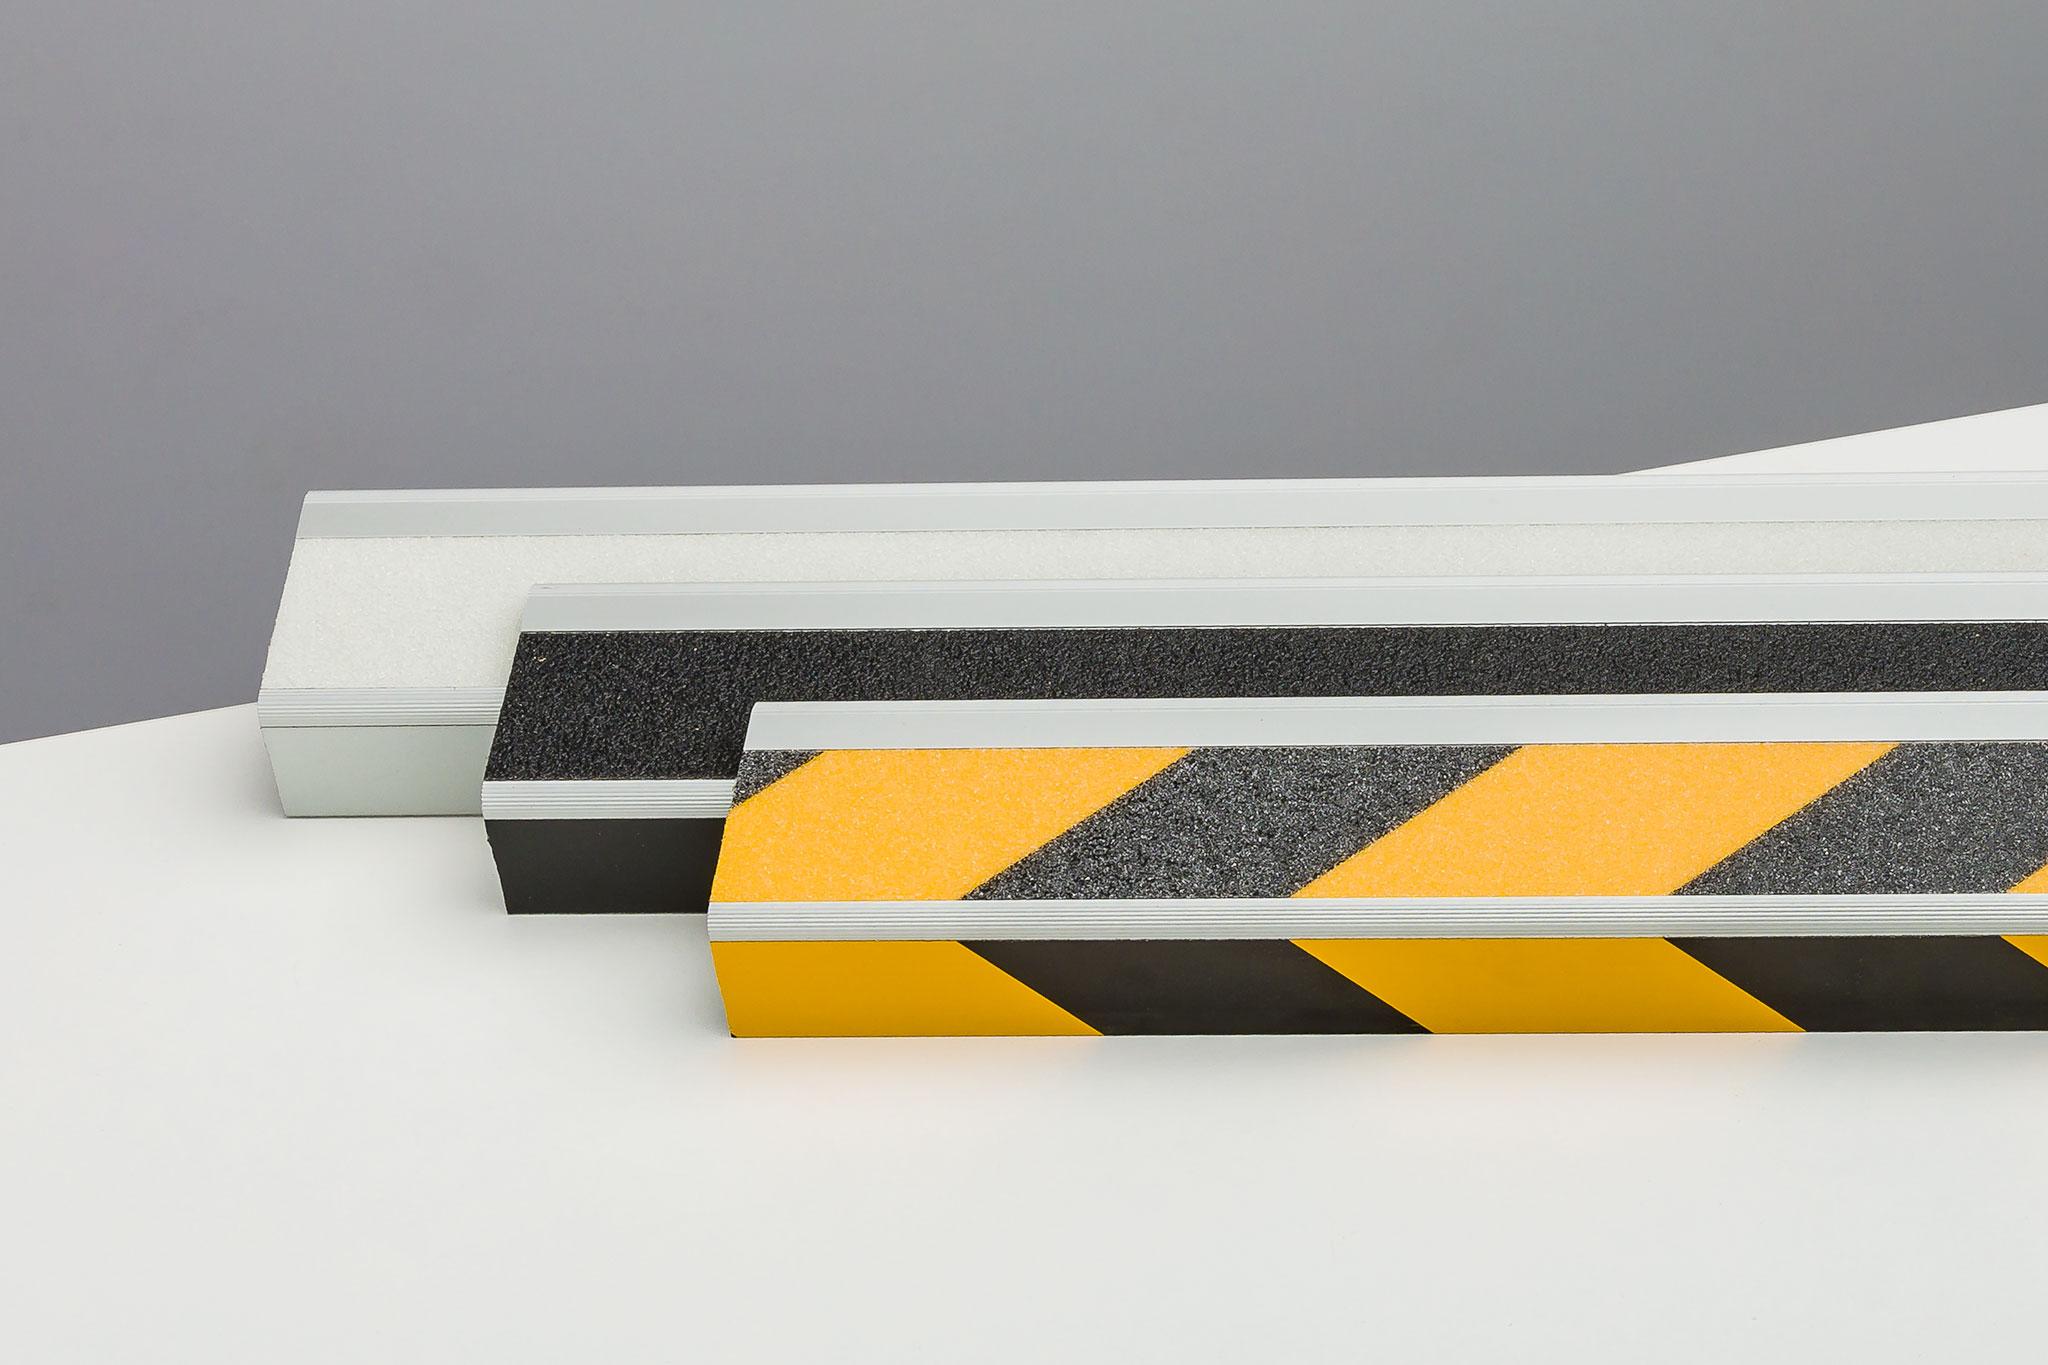 SFS-Safety Stair Treppenkantenprofile Aussenbereich R13